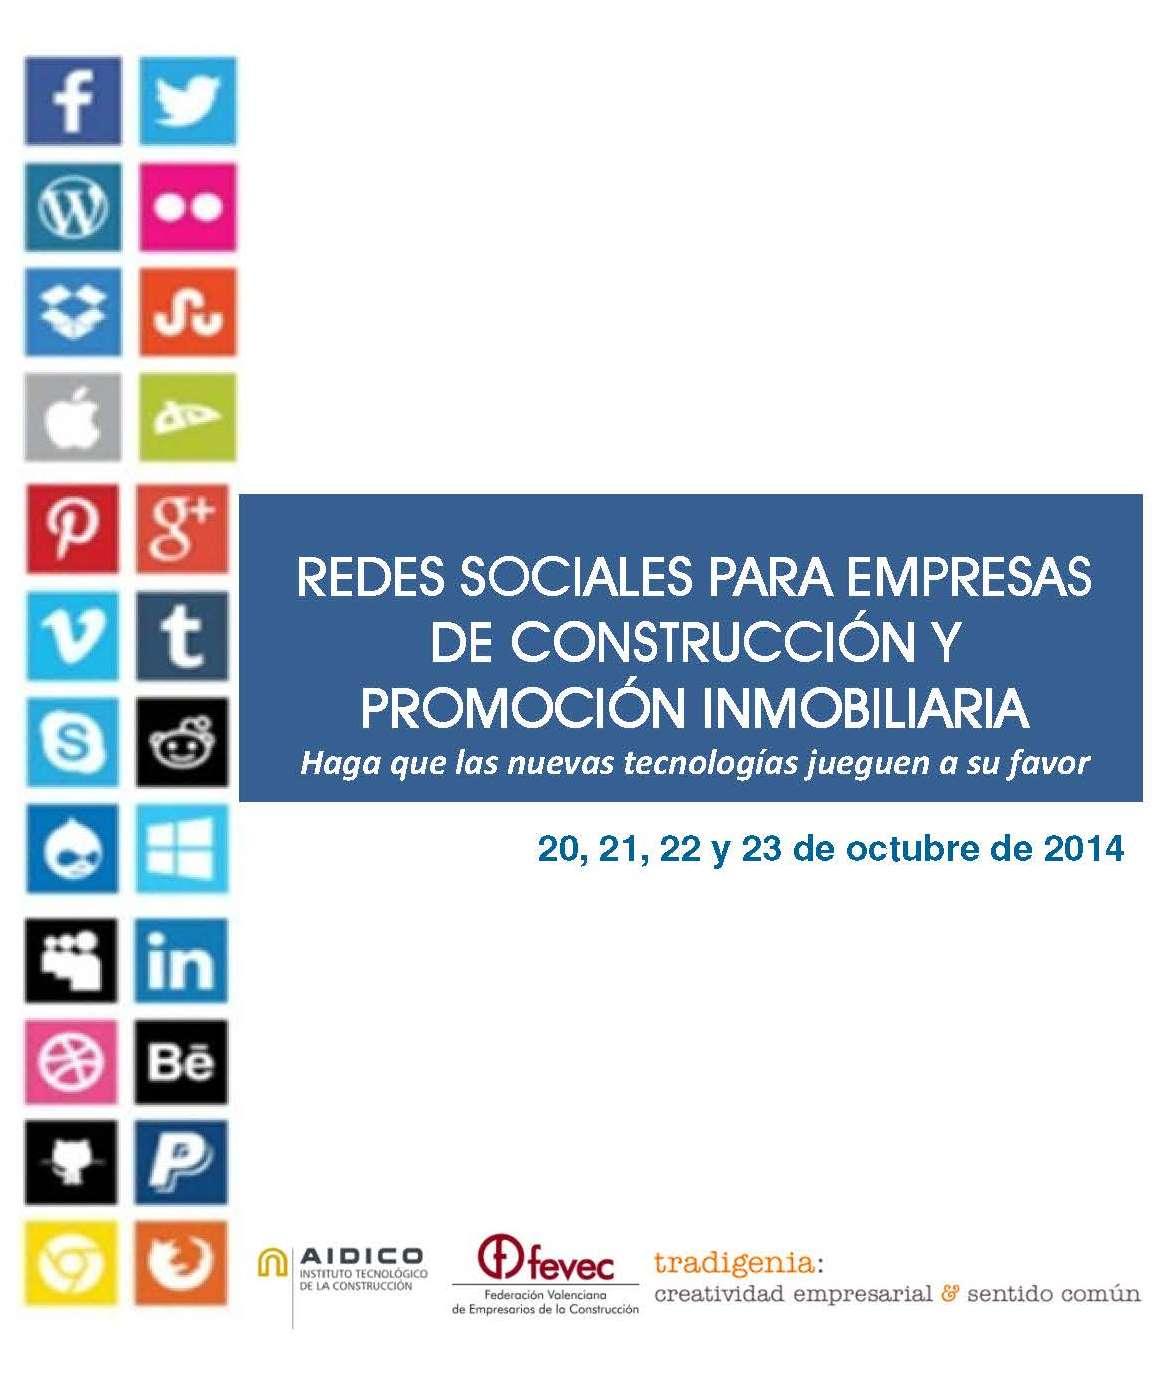 Redes sociales para empresas de construcci n y promoci n - Empresas de construccion valencia ...